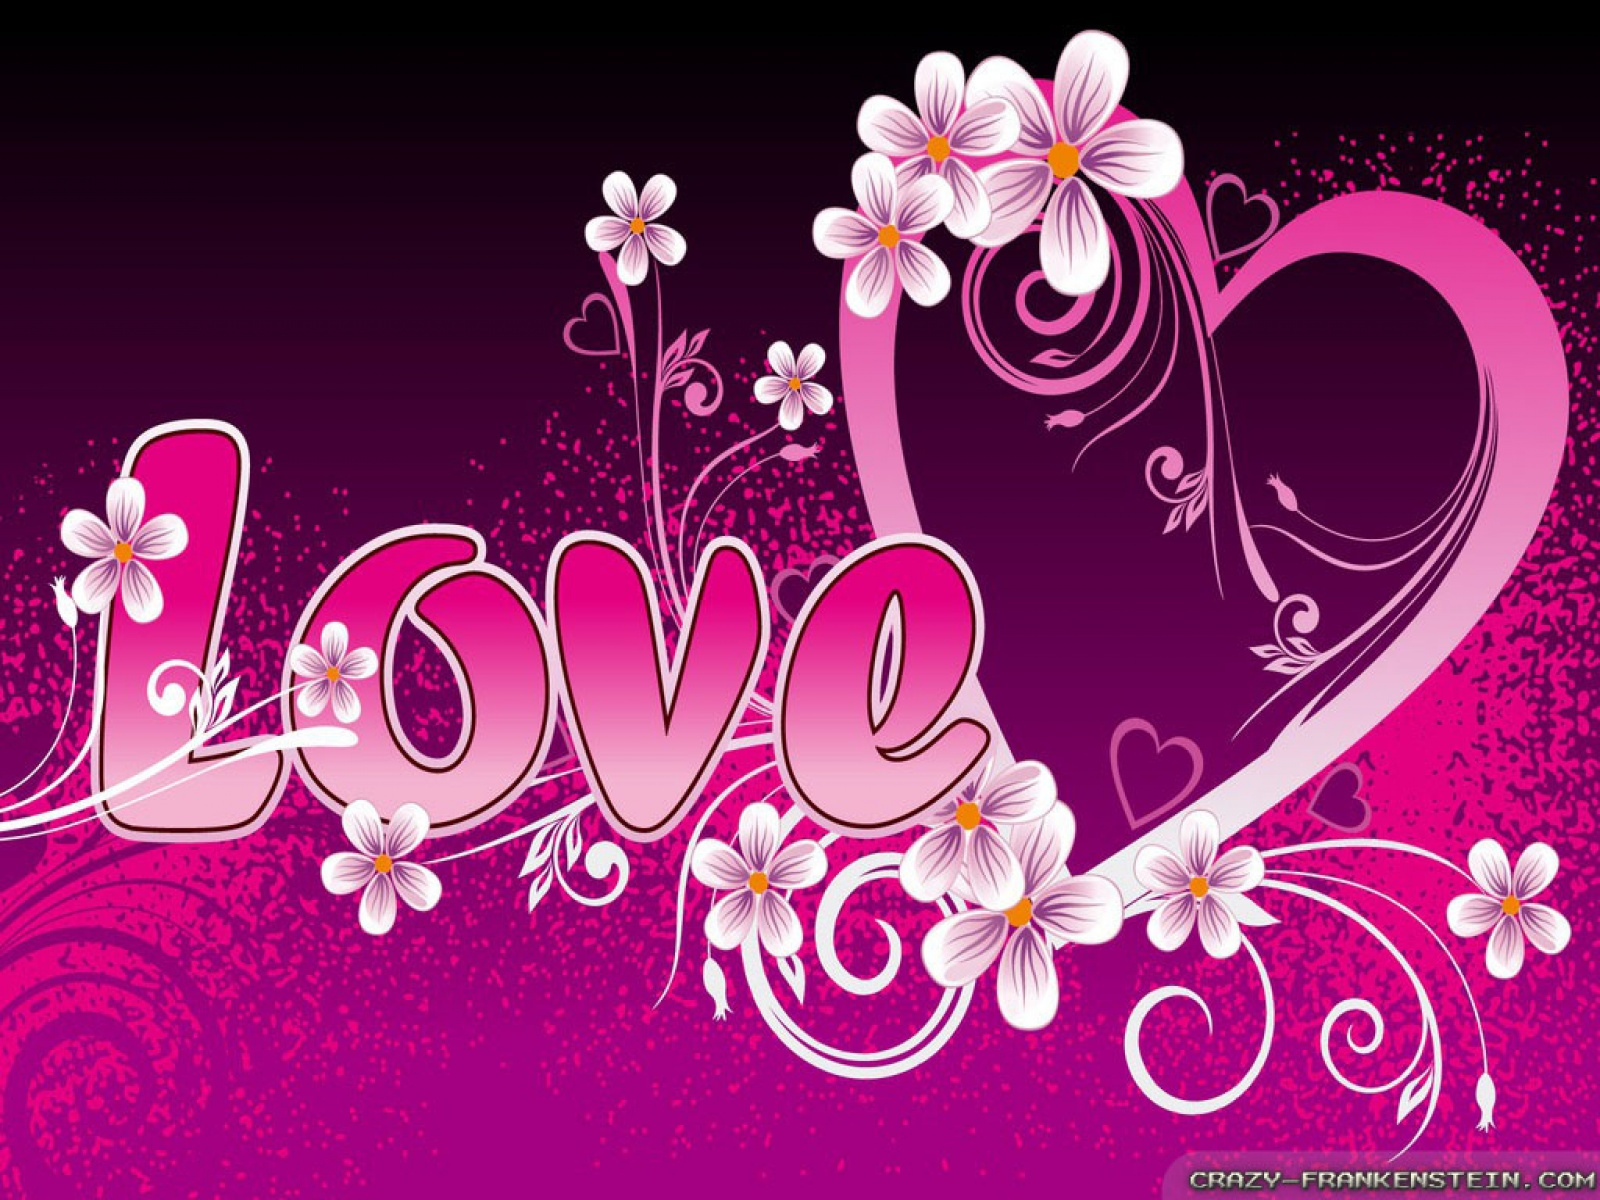 http://3.bp.blogspot.com/-goWetftI8lM/TknMQdiqwoI/AAAAAAAAD0Q/FWW-q_GEJVo/s1600/I-Love-You-wallpaper.jpg